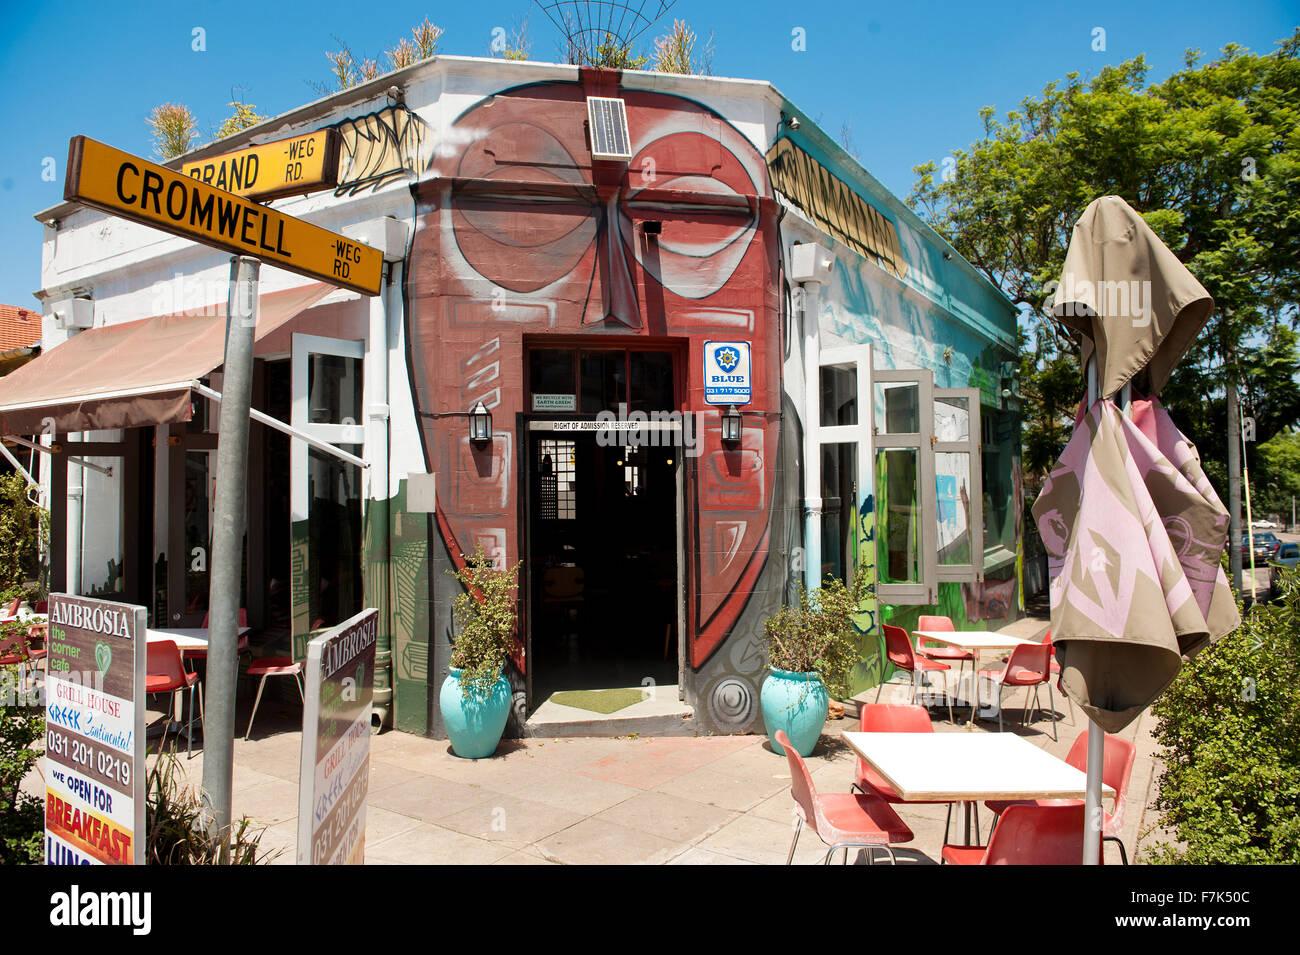 Eine Straße Café im Stadtteil Glenwood von Durban.  Trendige Cafés in städtischen Südafrika. Stockbild